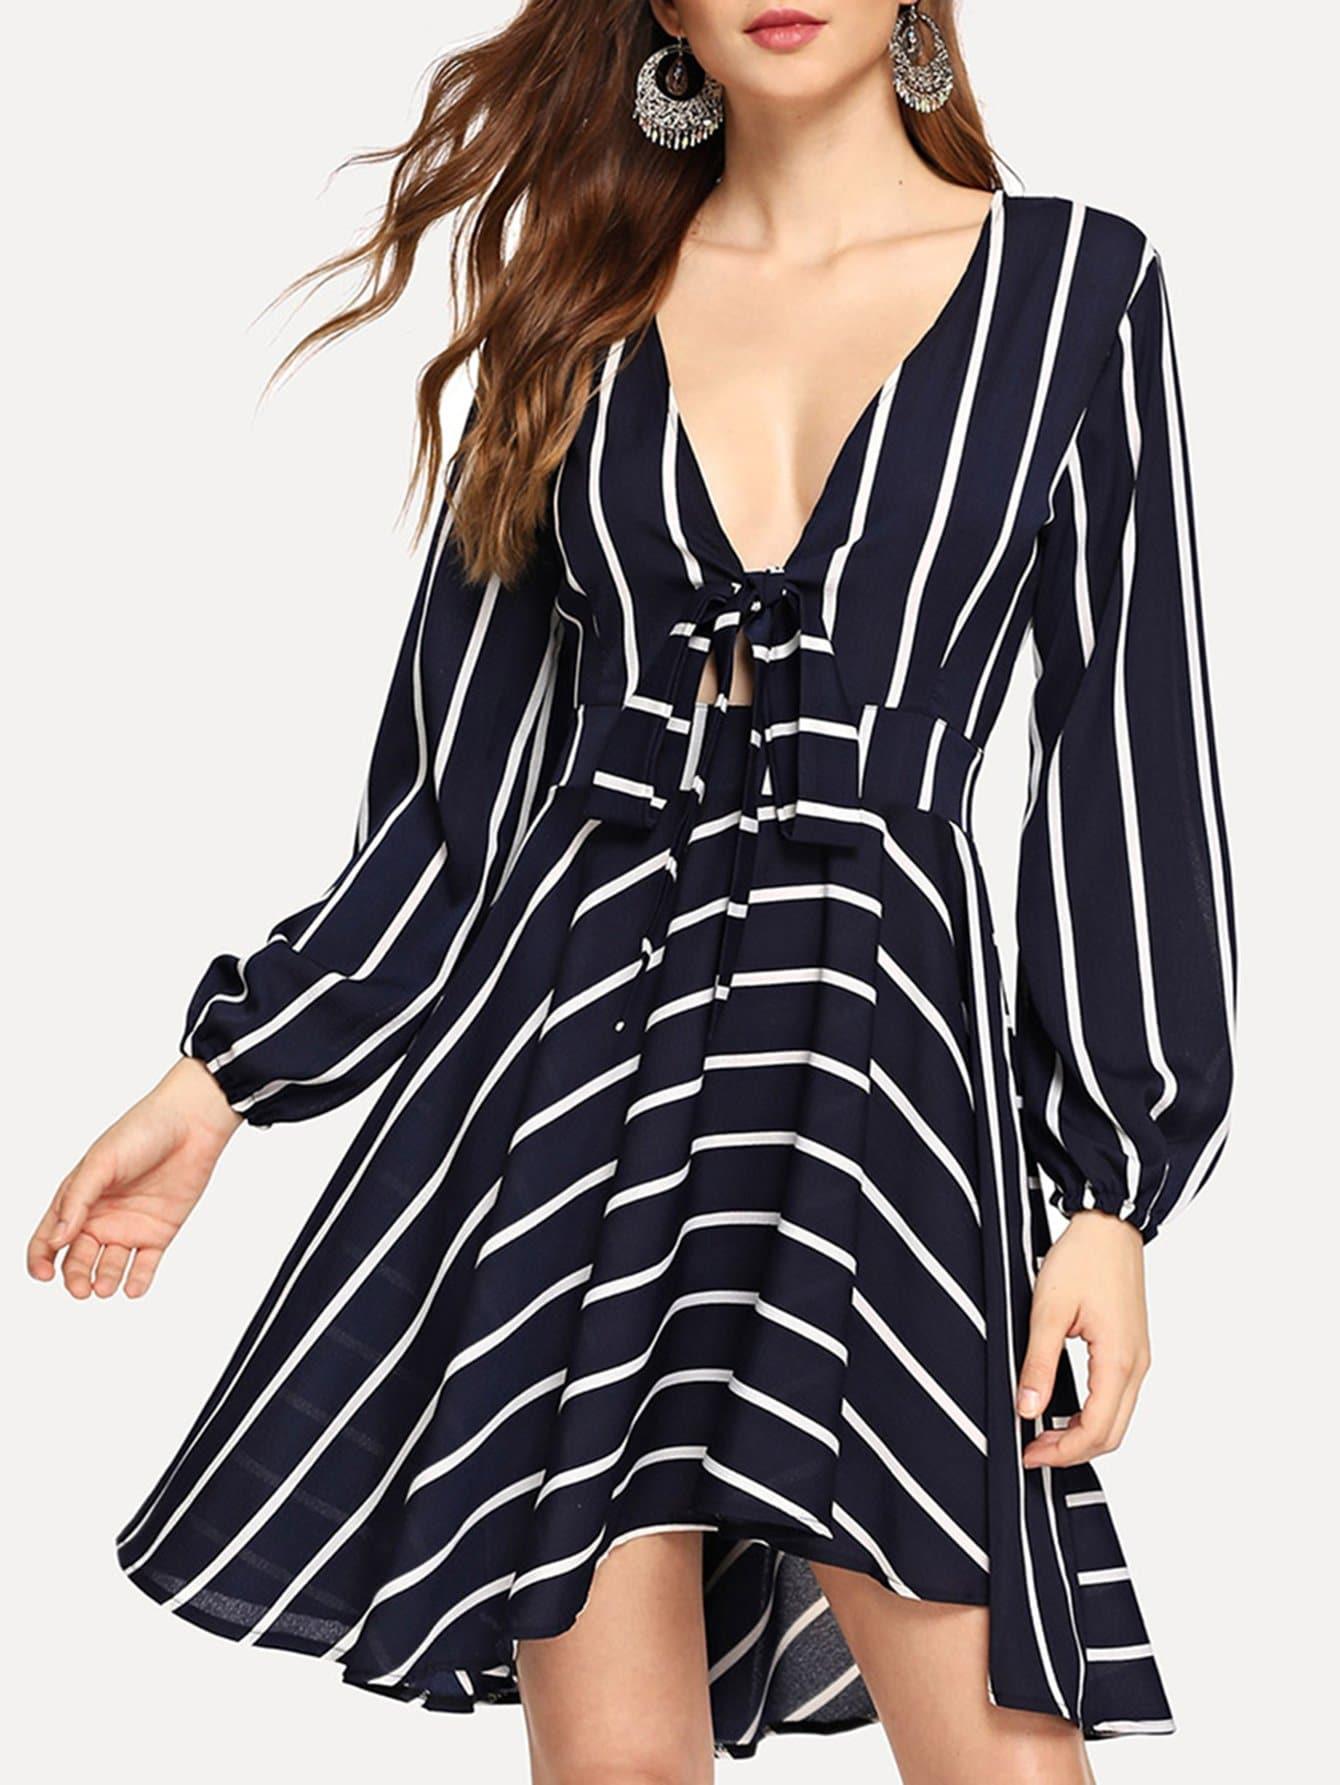 Купить Платье в полоску с глубоким вырезом спереди бант, Jana, SheIn